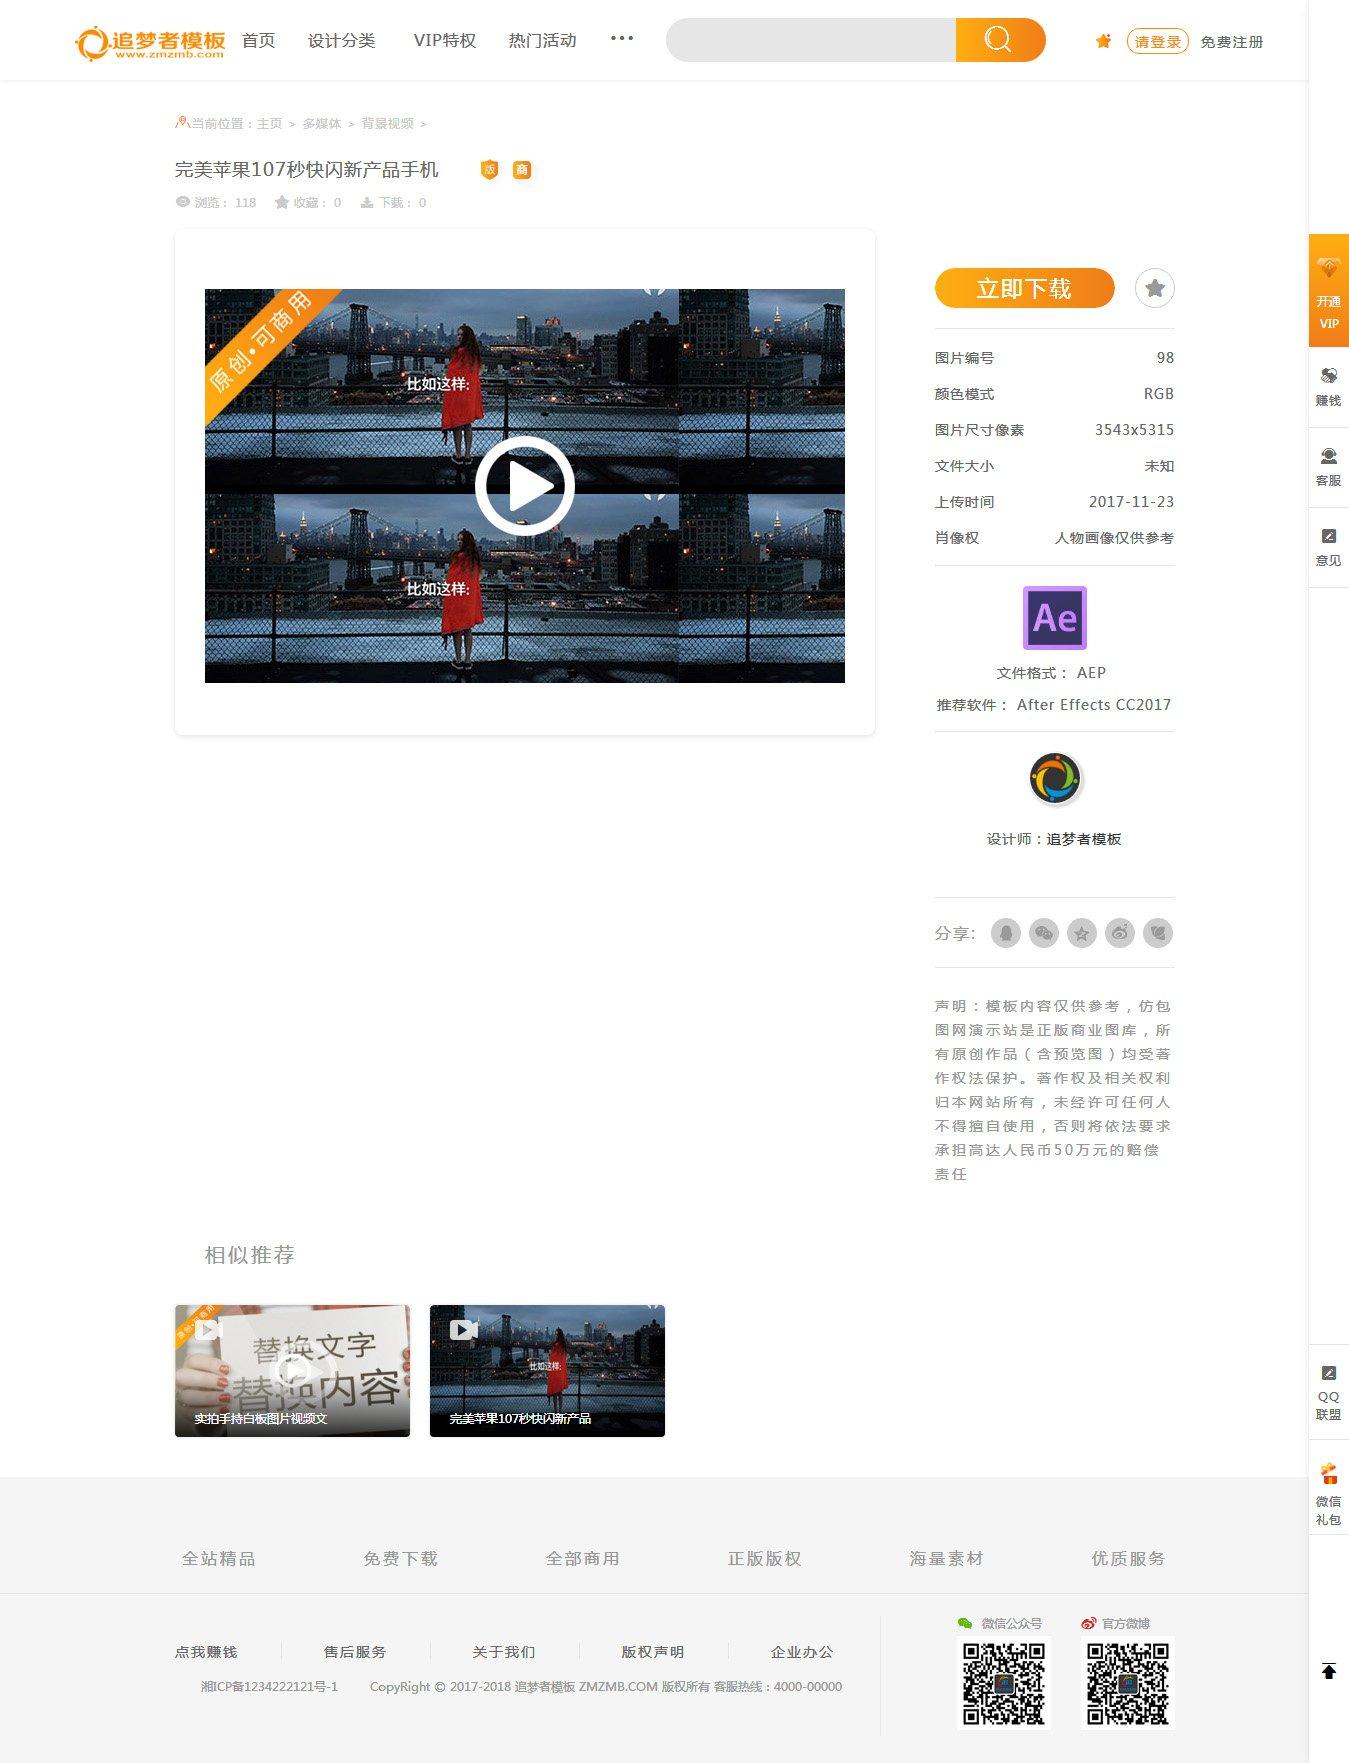 【织梦仿包图素材源码】仿包图网素材下载站视频PPT下载dedecms模板在线支付系统+会员系统+积分系统